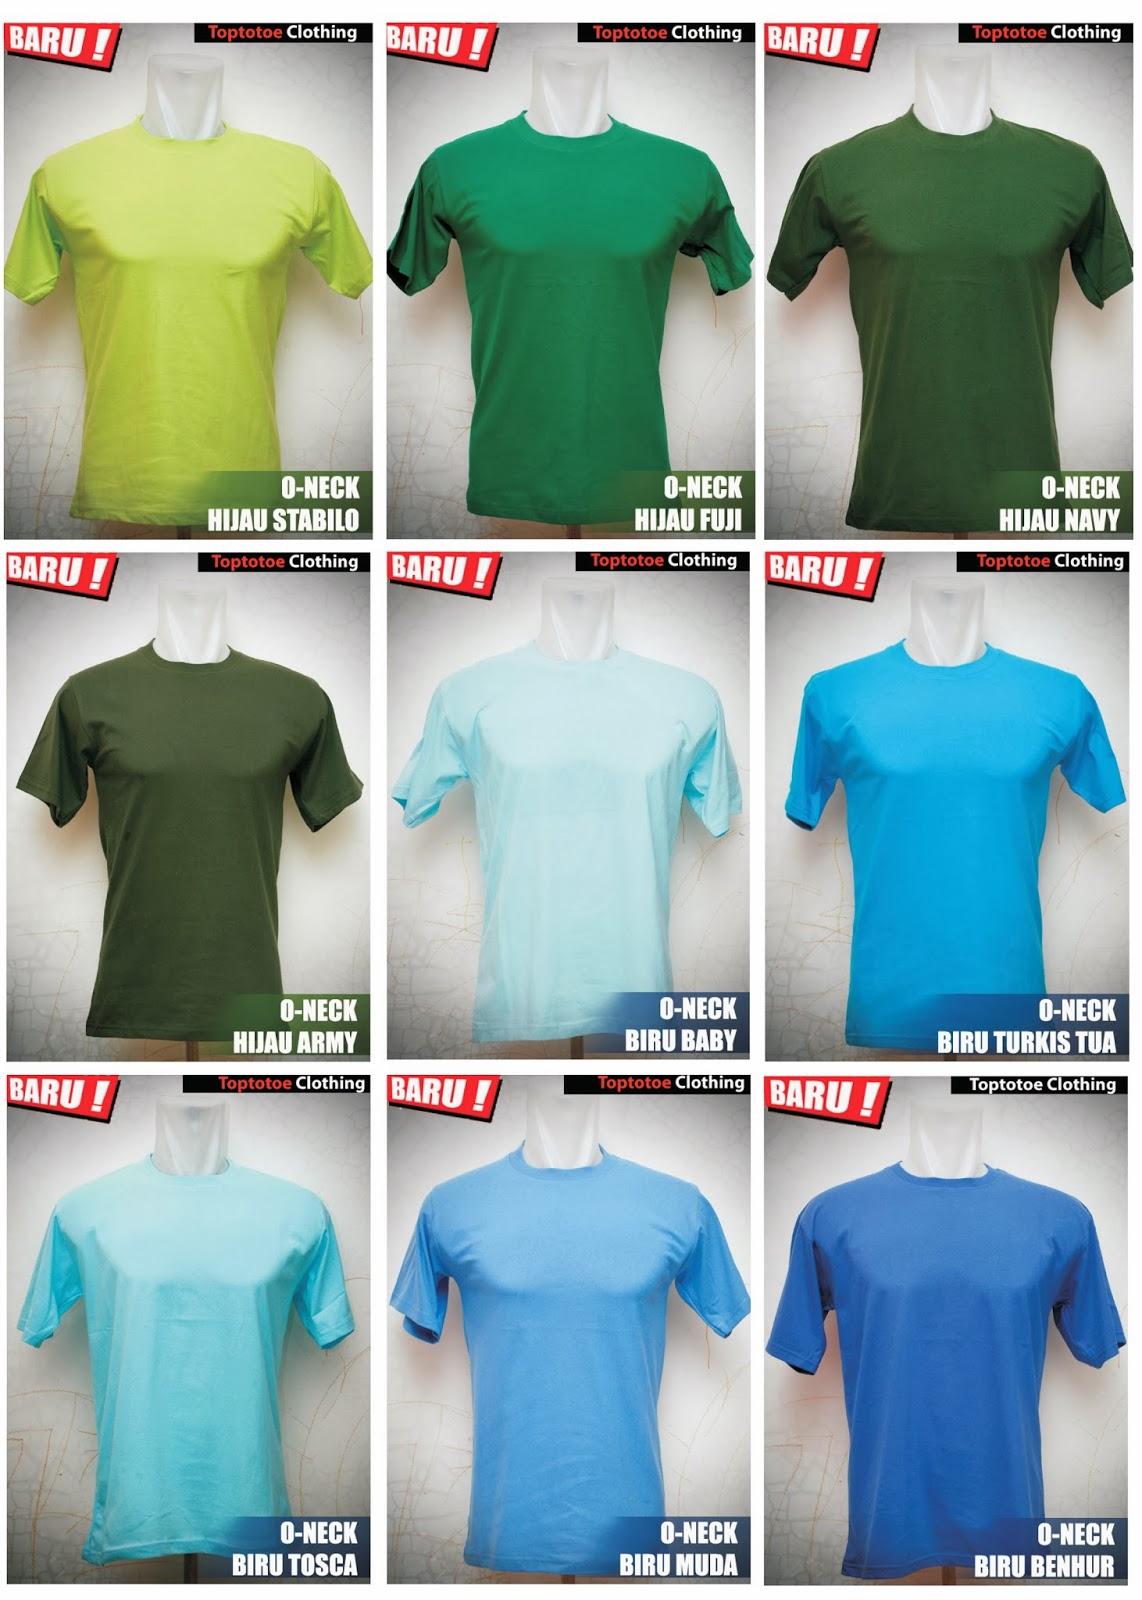 Kaos Polos Oneck Full Cotton Combed 20s 30s Toptotoe Clothing Size L Lengan Panjang Jenis Bahan Katun Ini Cocok Untuk Dipakai Sehari Hari Lembut Nyaman Dan Menyerap Keringat Bisa Beli Satuan Tanpa Minimum